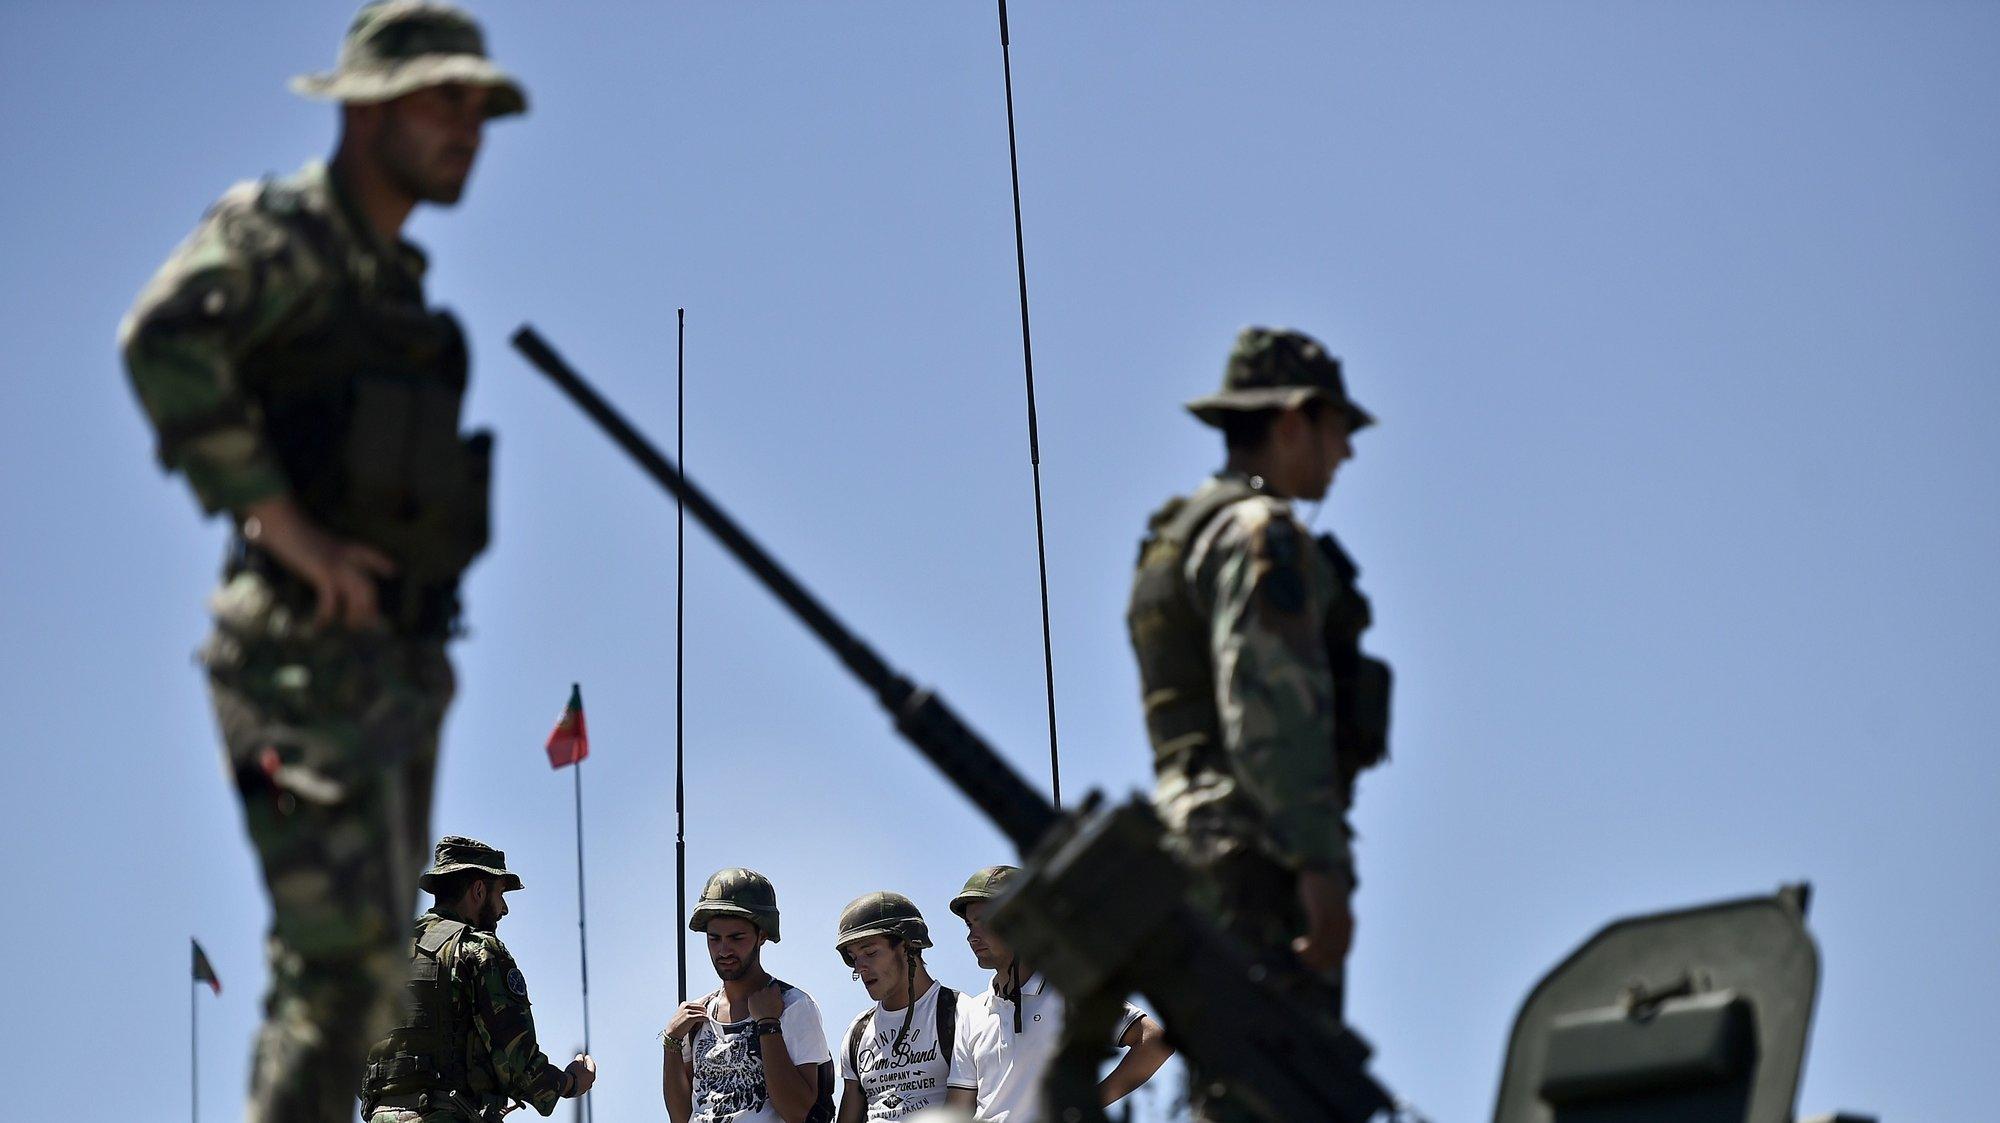 Um grupo de jovens dentro de uma viatura Pandur da Companhia de Atiradores durante as atividades do Dia da Defesa Nacional no Regimento de Infantaria 14, em Viseu, 25 de Junho de 2016. NUNO ANDRÉ FERREIRA/LUSA.